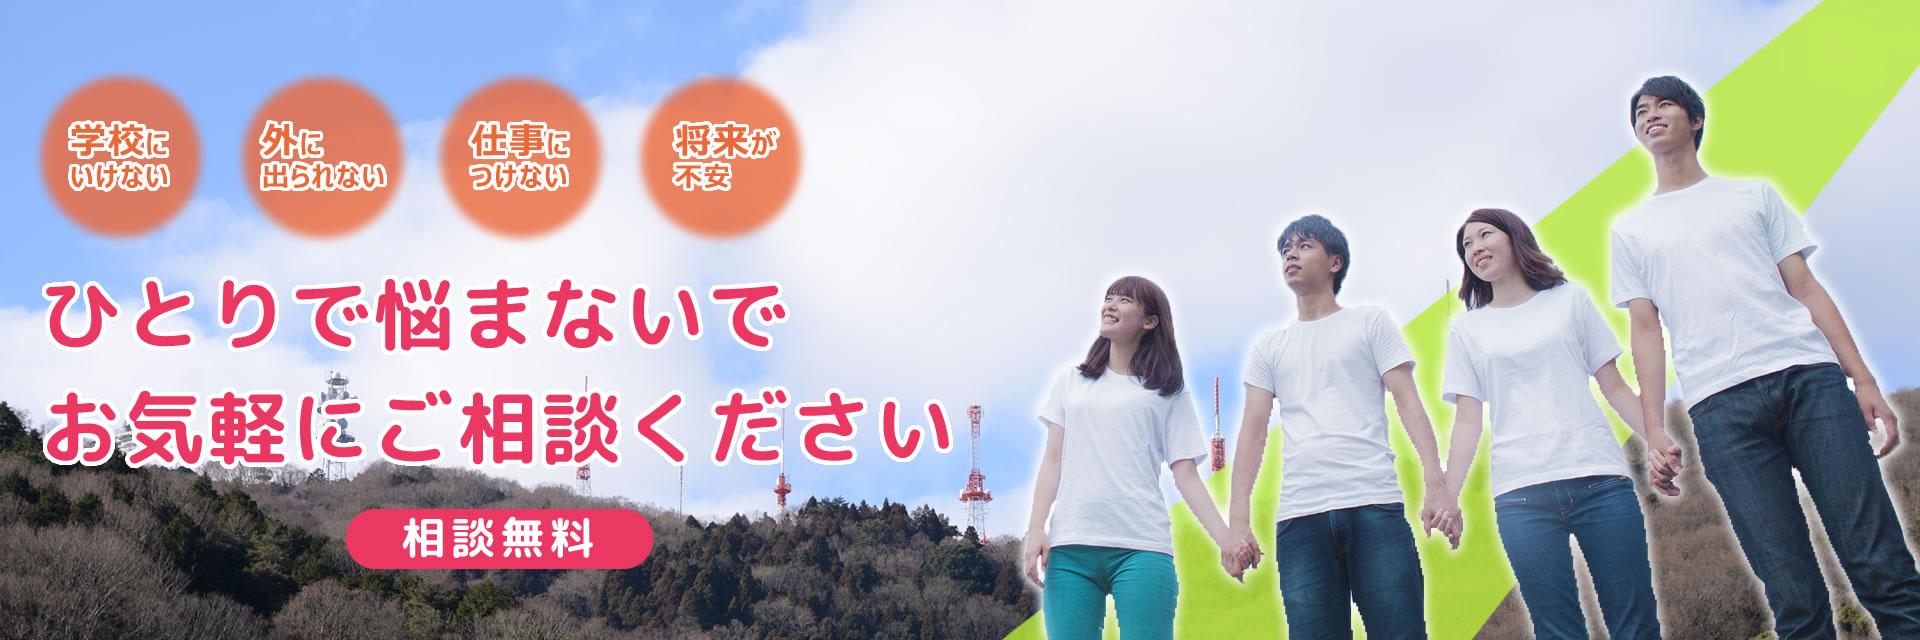 ユースネットいこま~生駒市子ども・若者総合相談窓口~